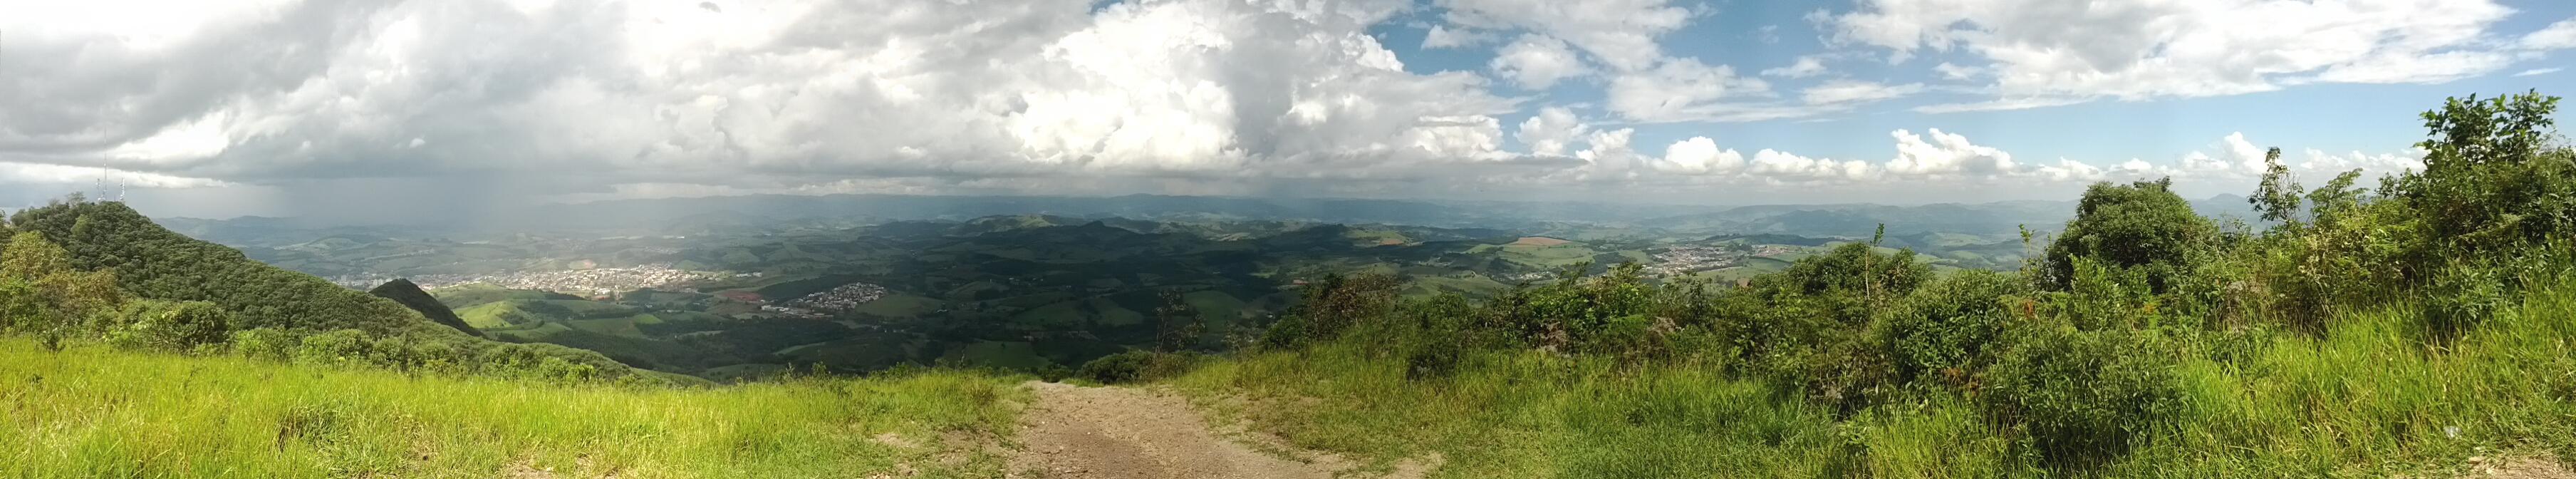 Tire fotos de uma paisagem por vários ângulos e crie uma panorâmica (Foto: Reprodução / Paulo Alves)